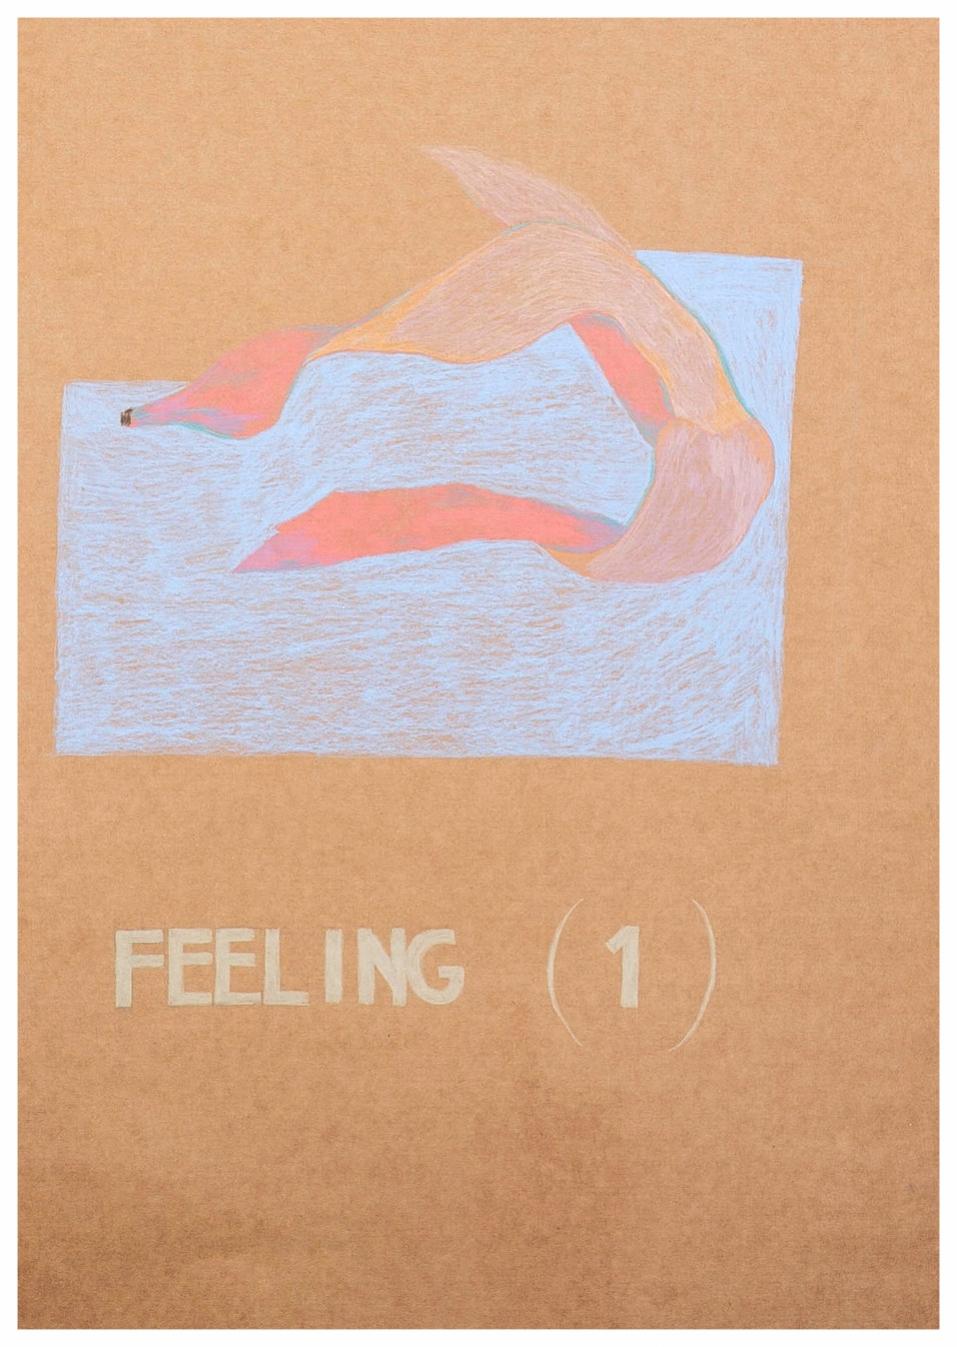 Feeling (1)_